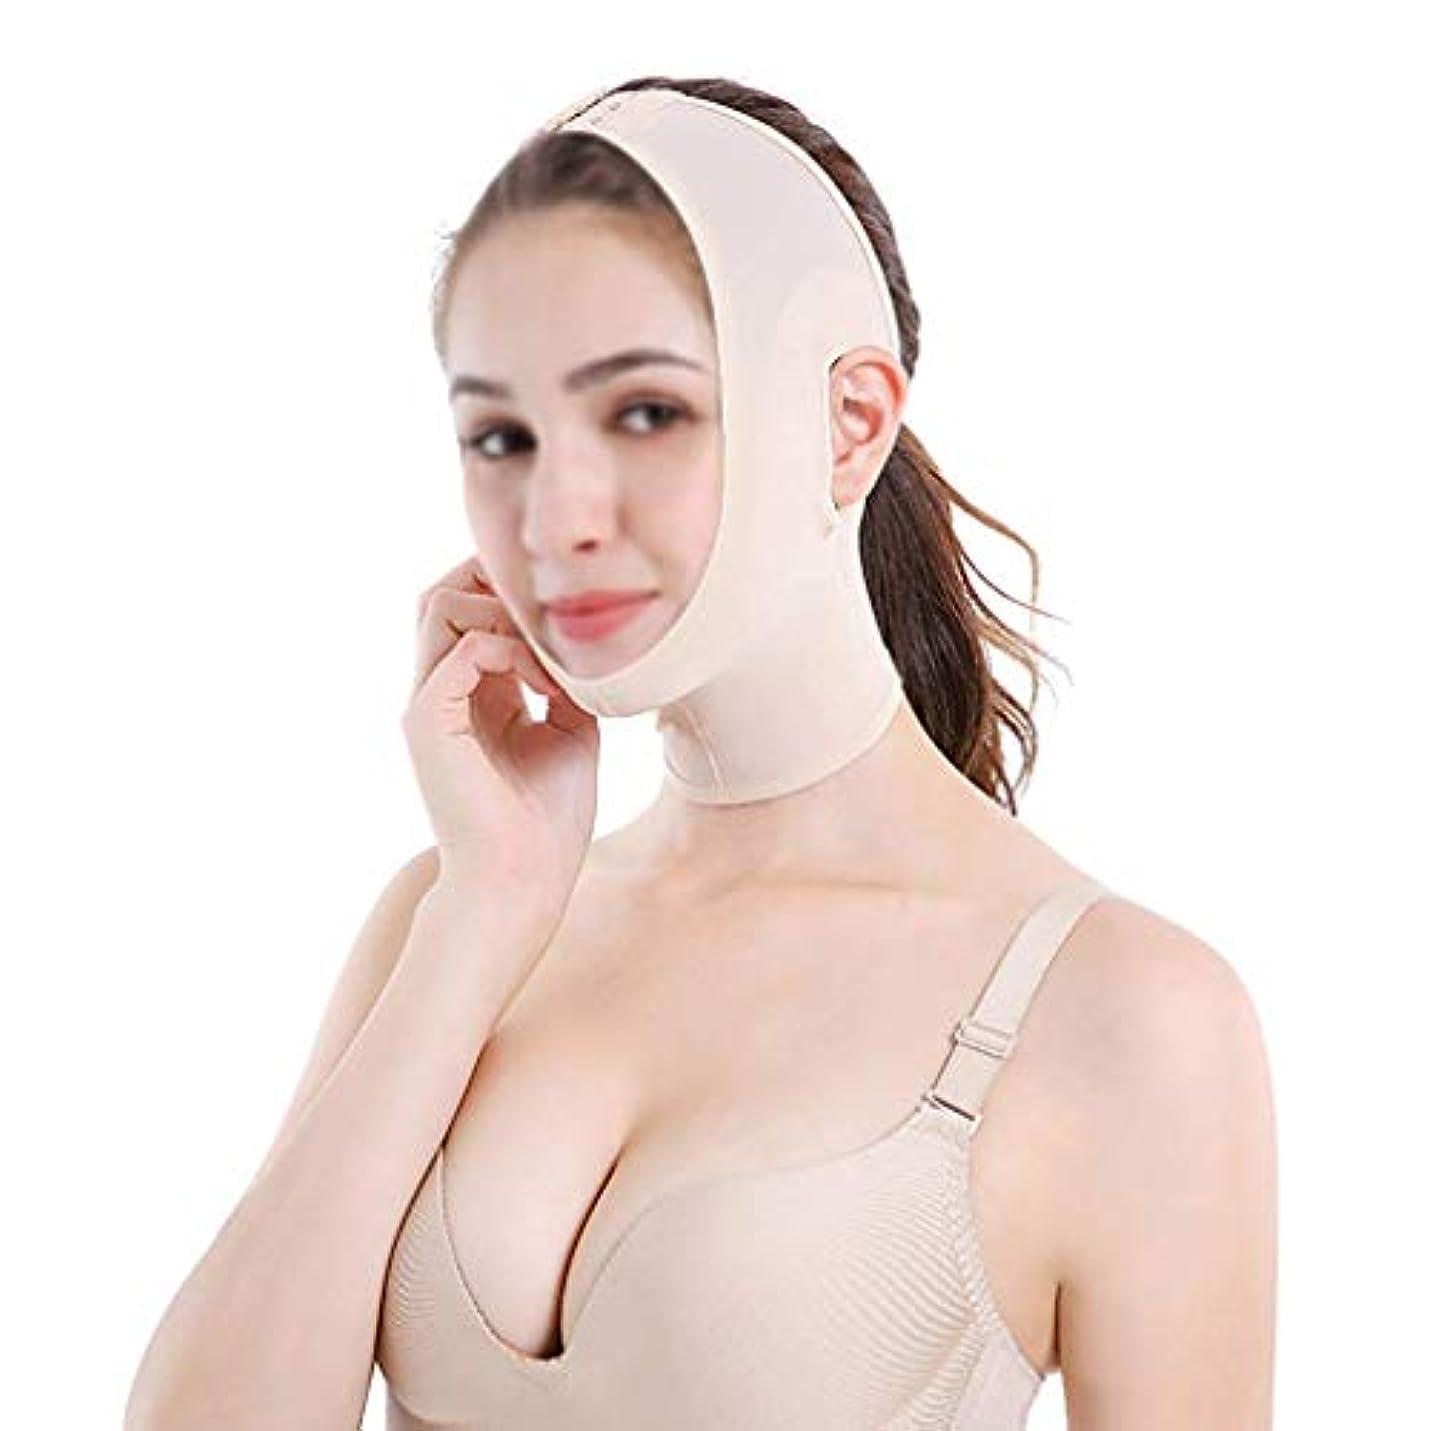 テープ一生要求ファーミングフェイスマスク、スリムベルトフェイスリフティングバンデージスモールVフェイスマスクフェイスリフティングアーティファクトフェイスリフティングファーミングマスク(サイズ:M),S